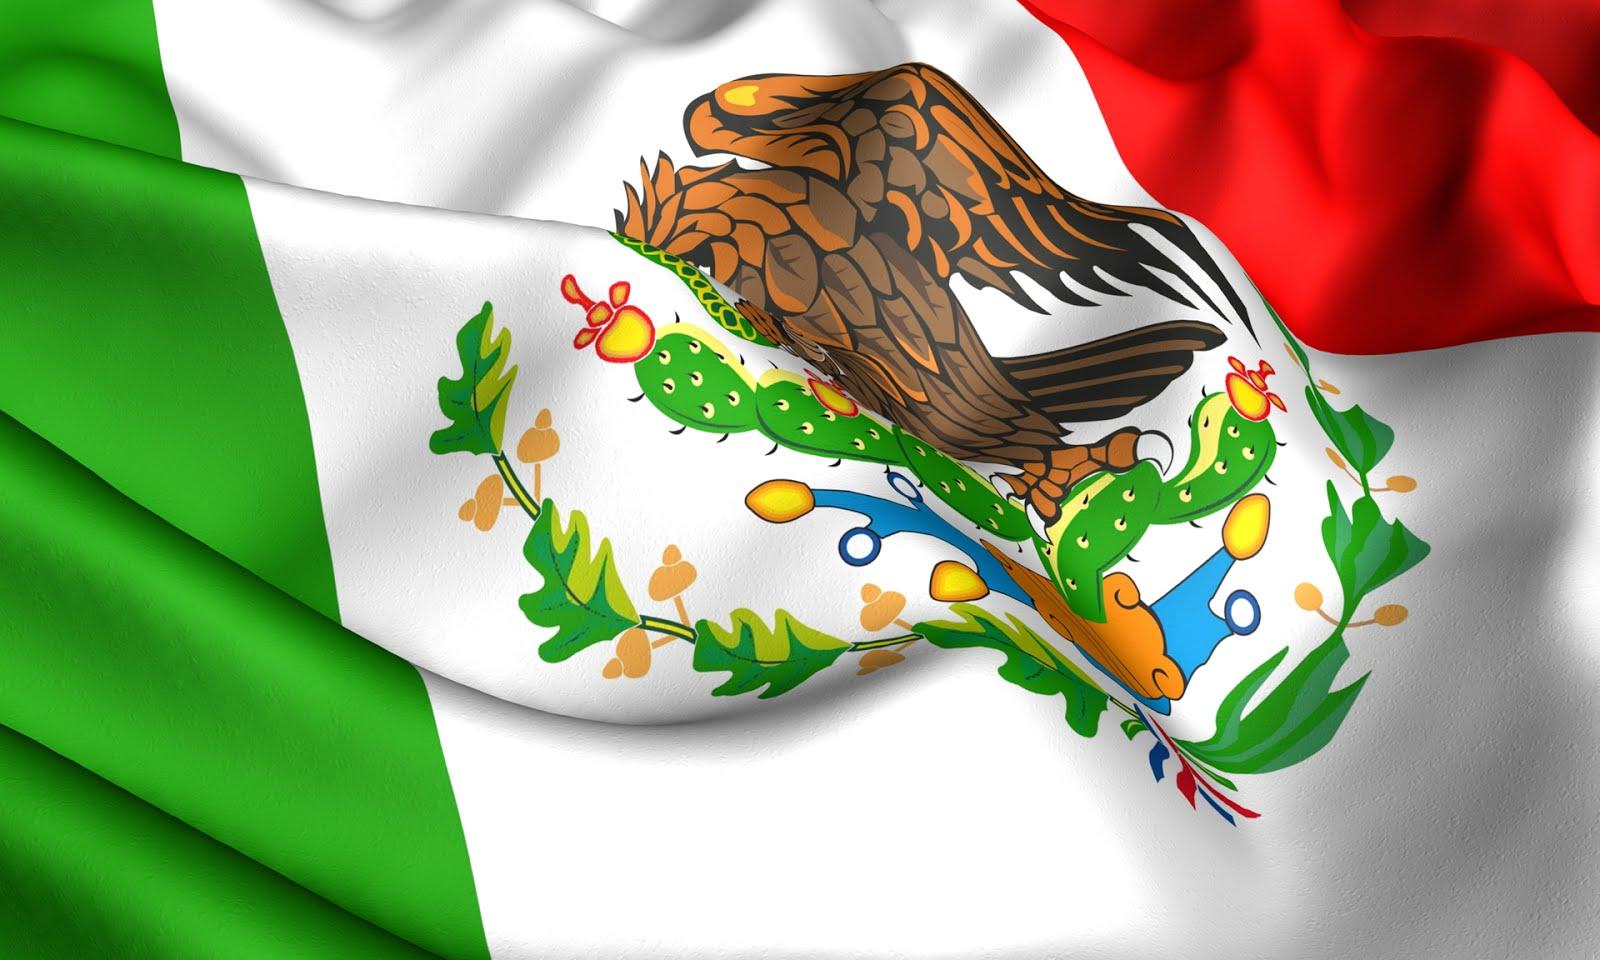 Banco de imgenes Fotos de la Bandera de Mxico 24 de Febrero